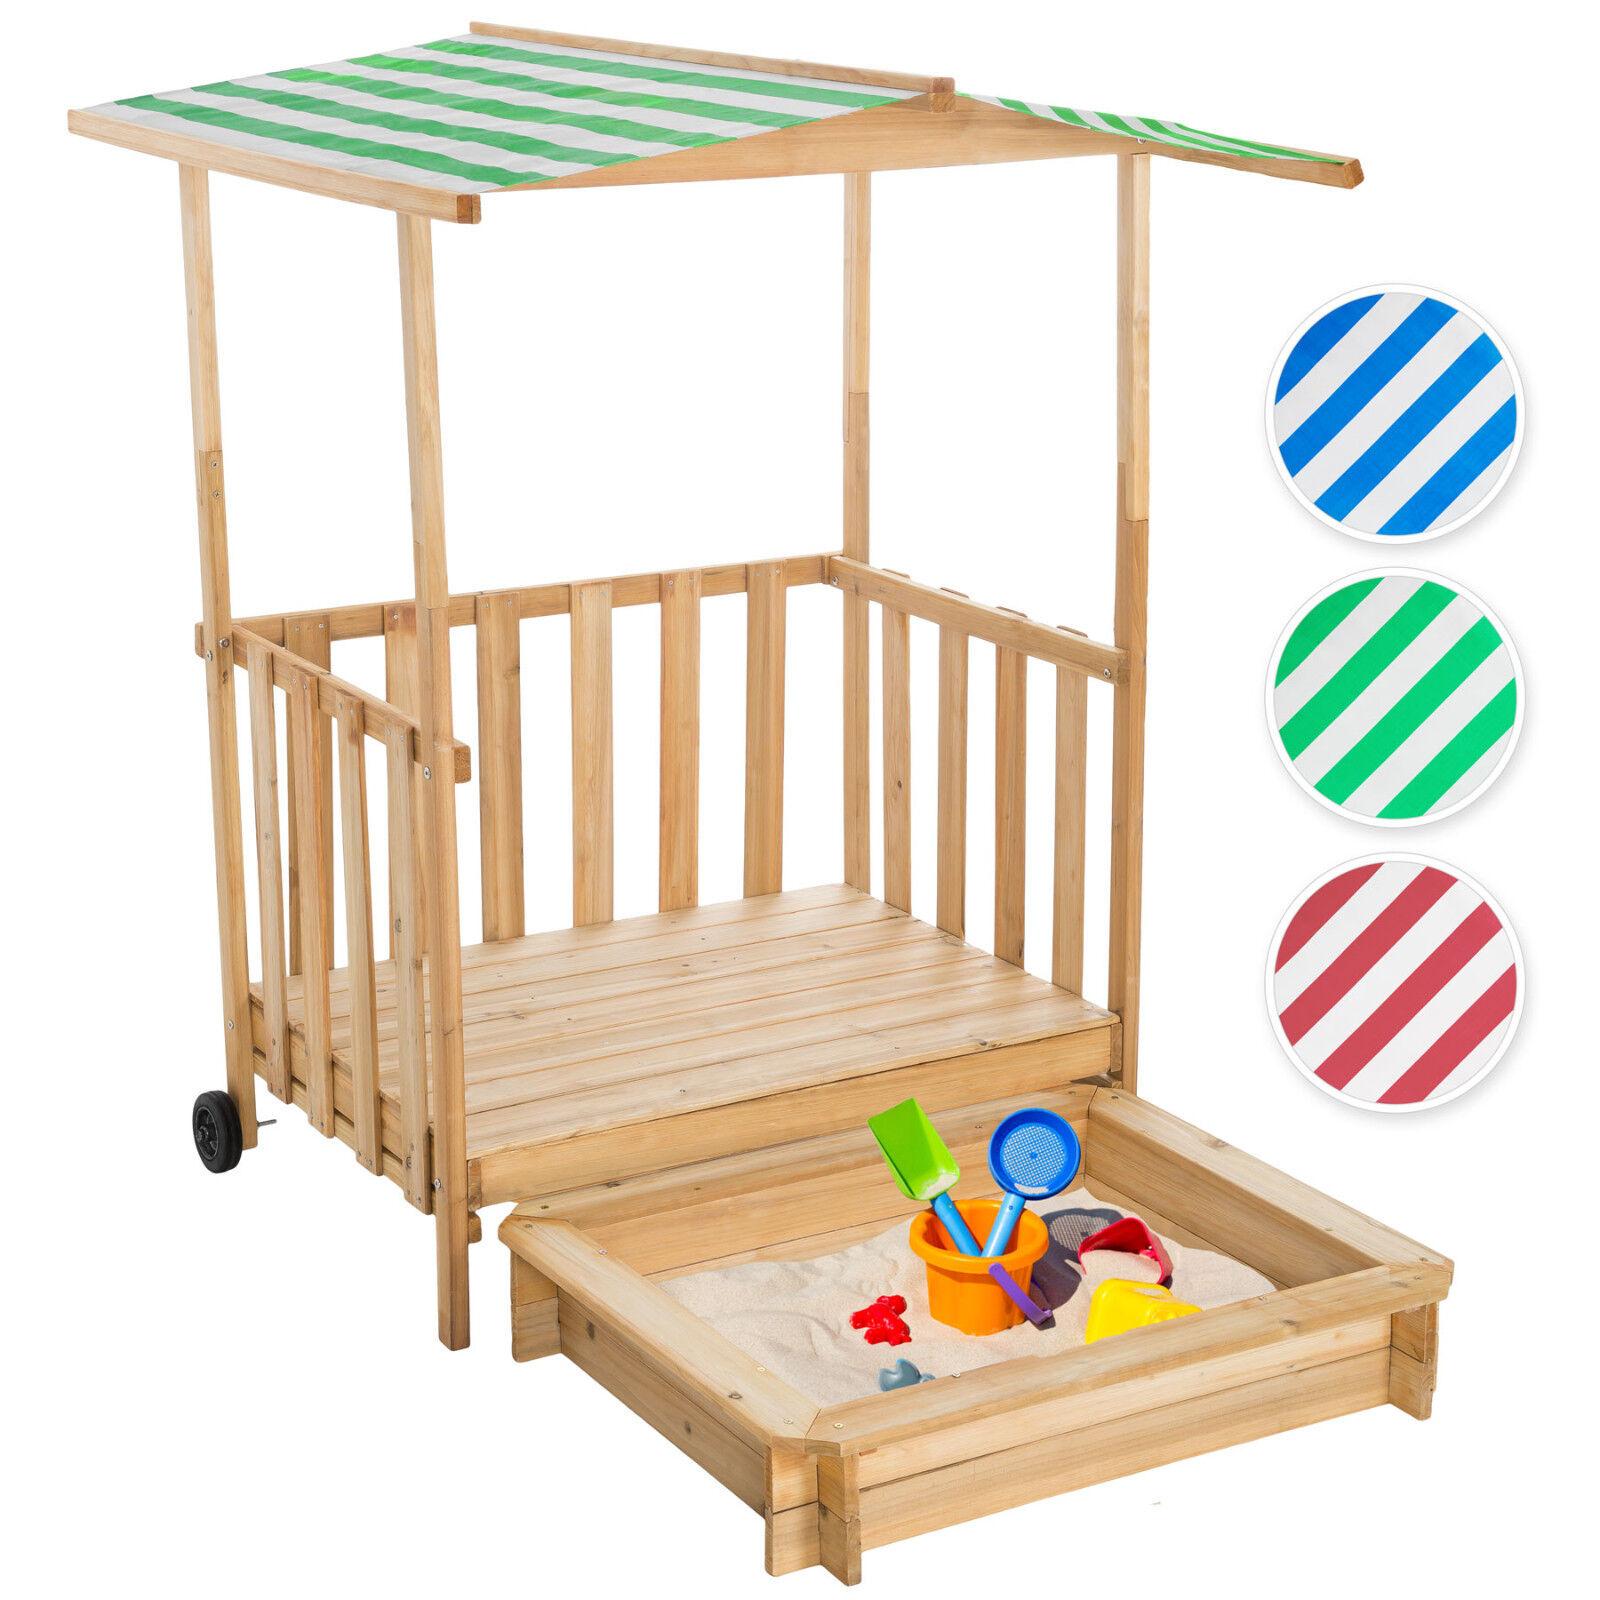 Sandkasten Spielhaus Spielveranda Holz Sonnenschutz Sandbox + Dach Deckel